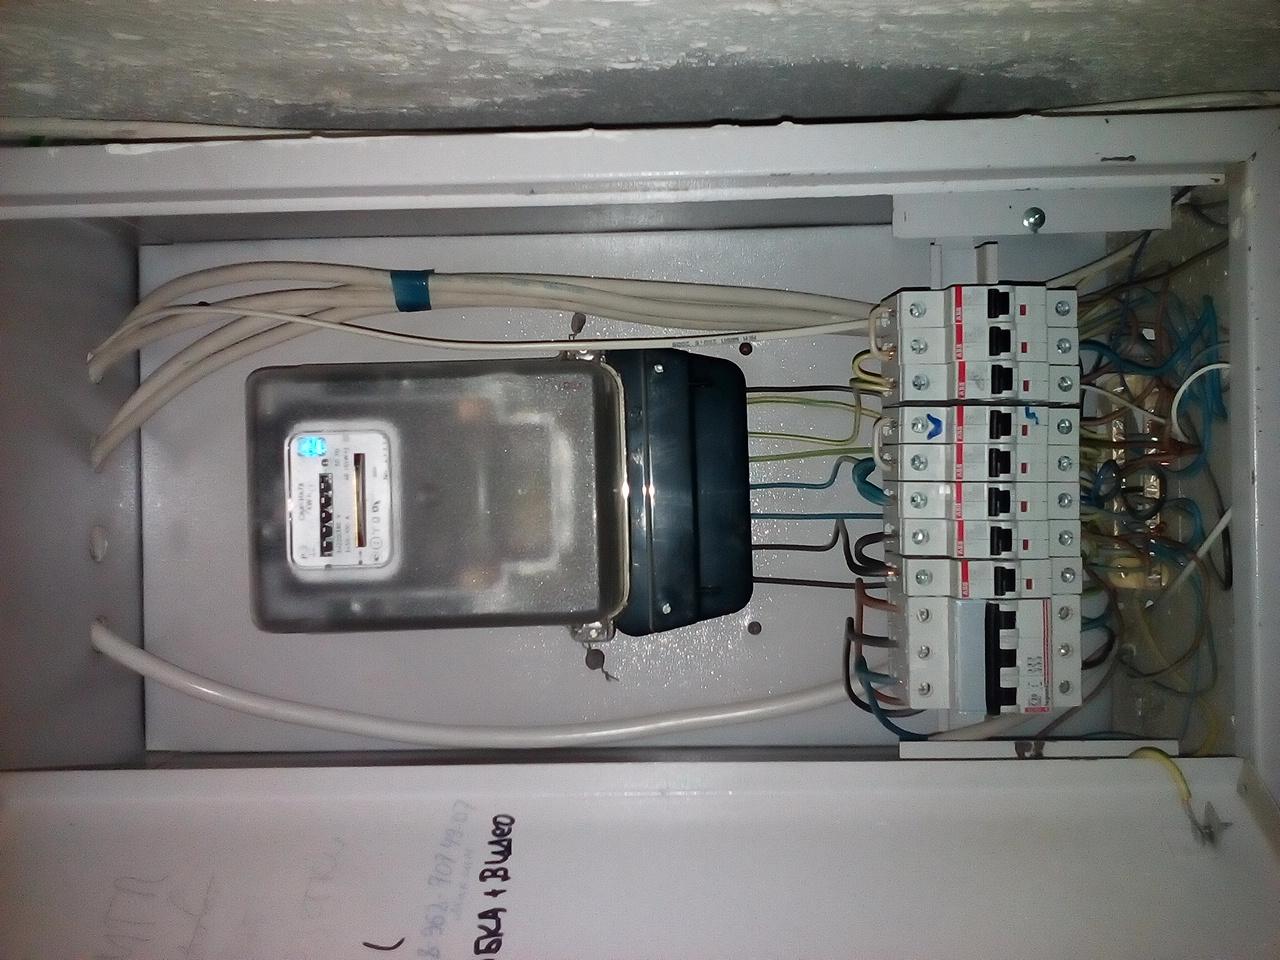 Срочный вызов электрика аварийной службы в ювелирный магазин после полного отключения электроснабжения